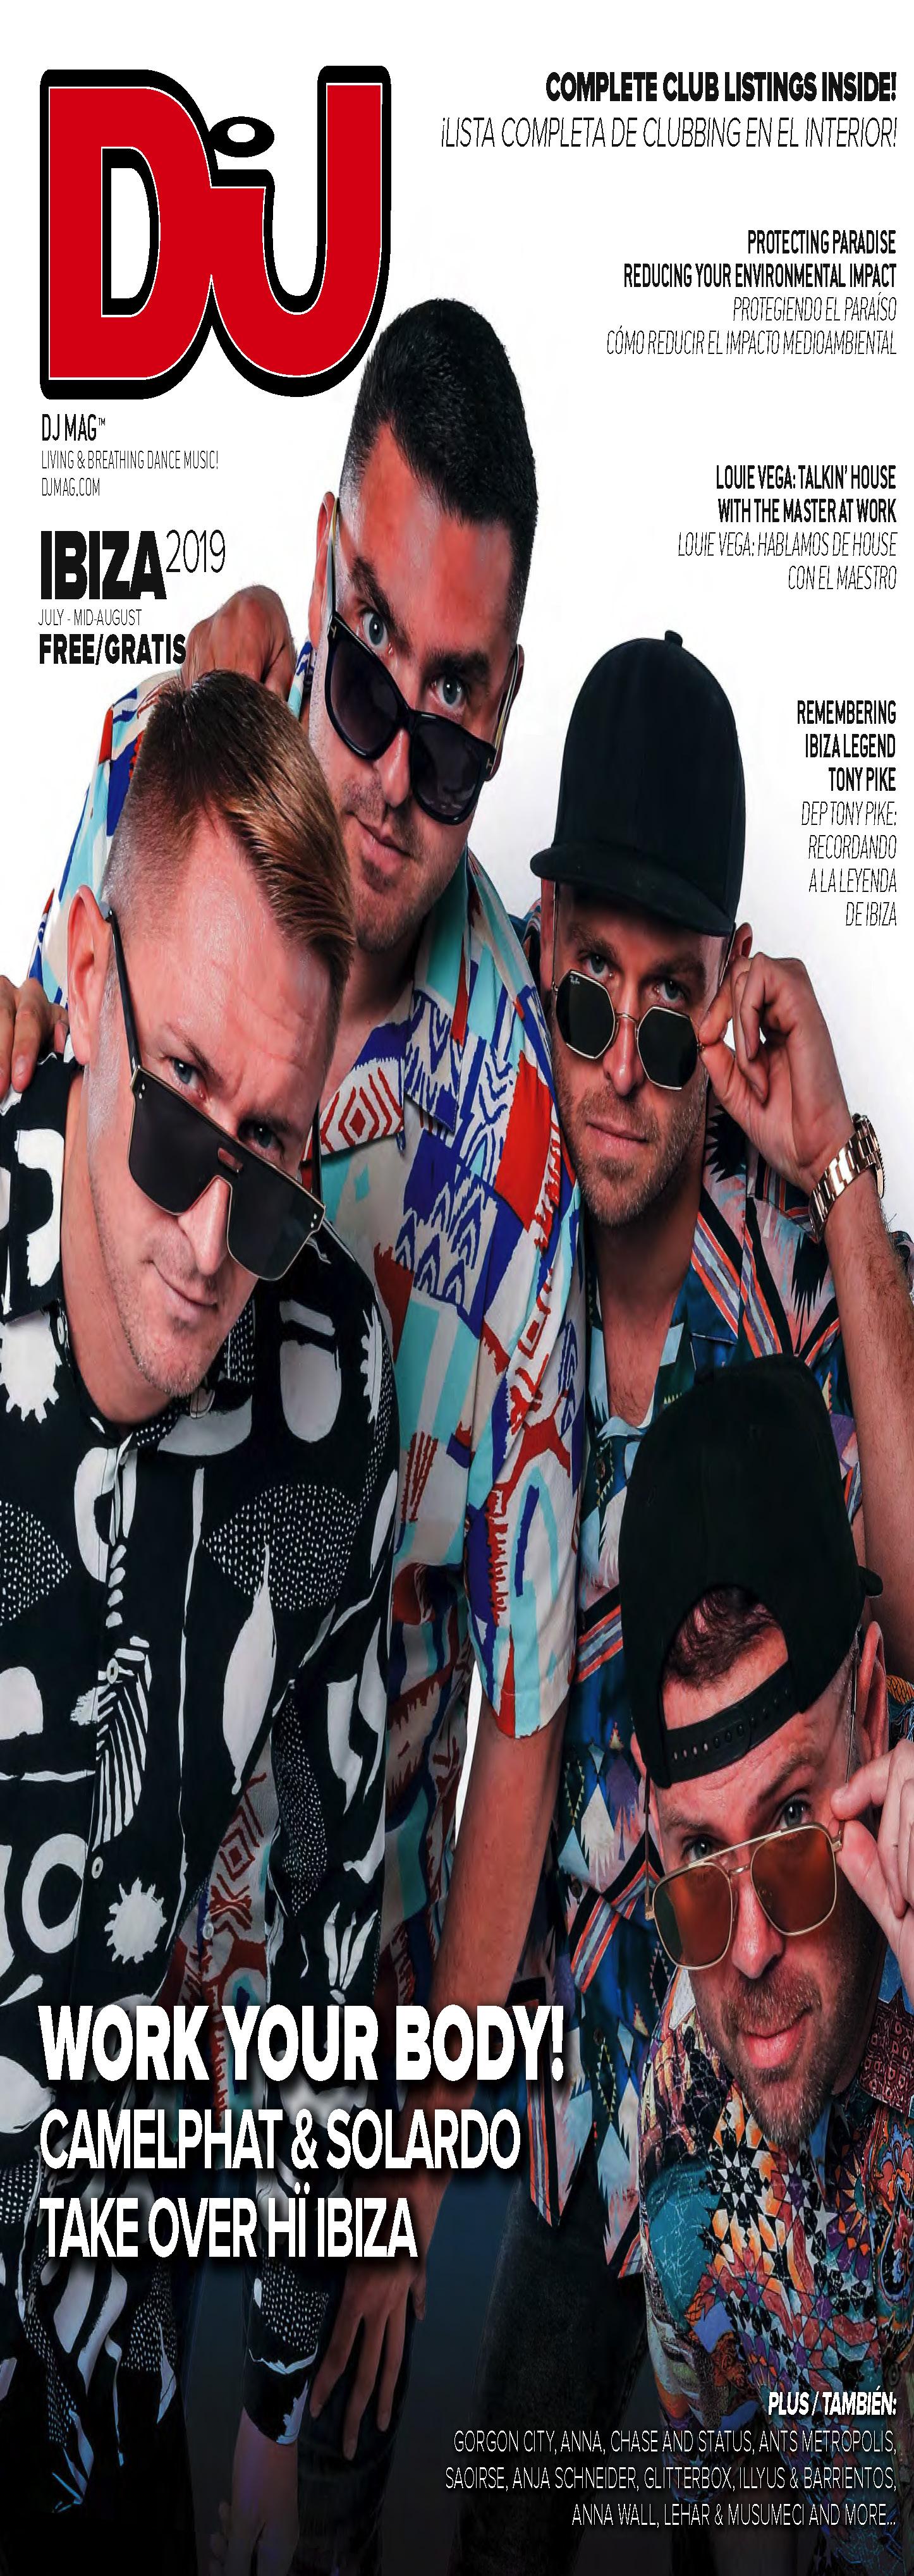 DJMag com